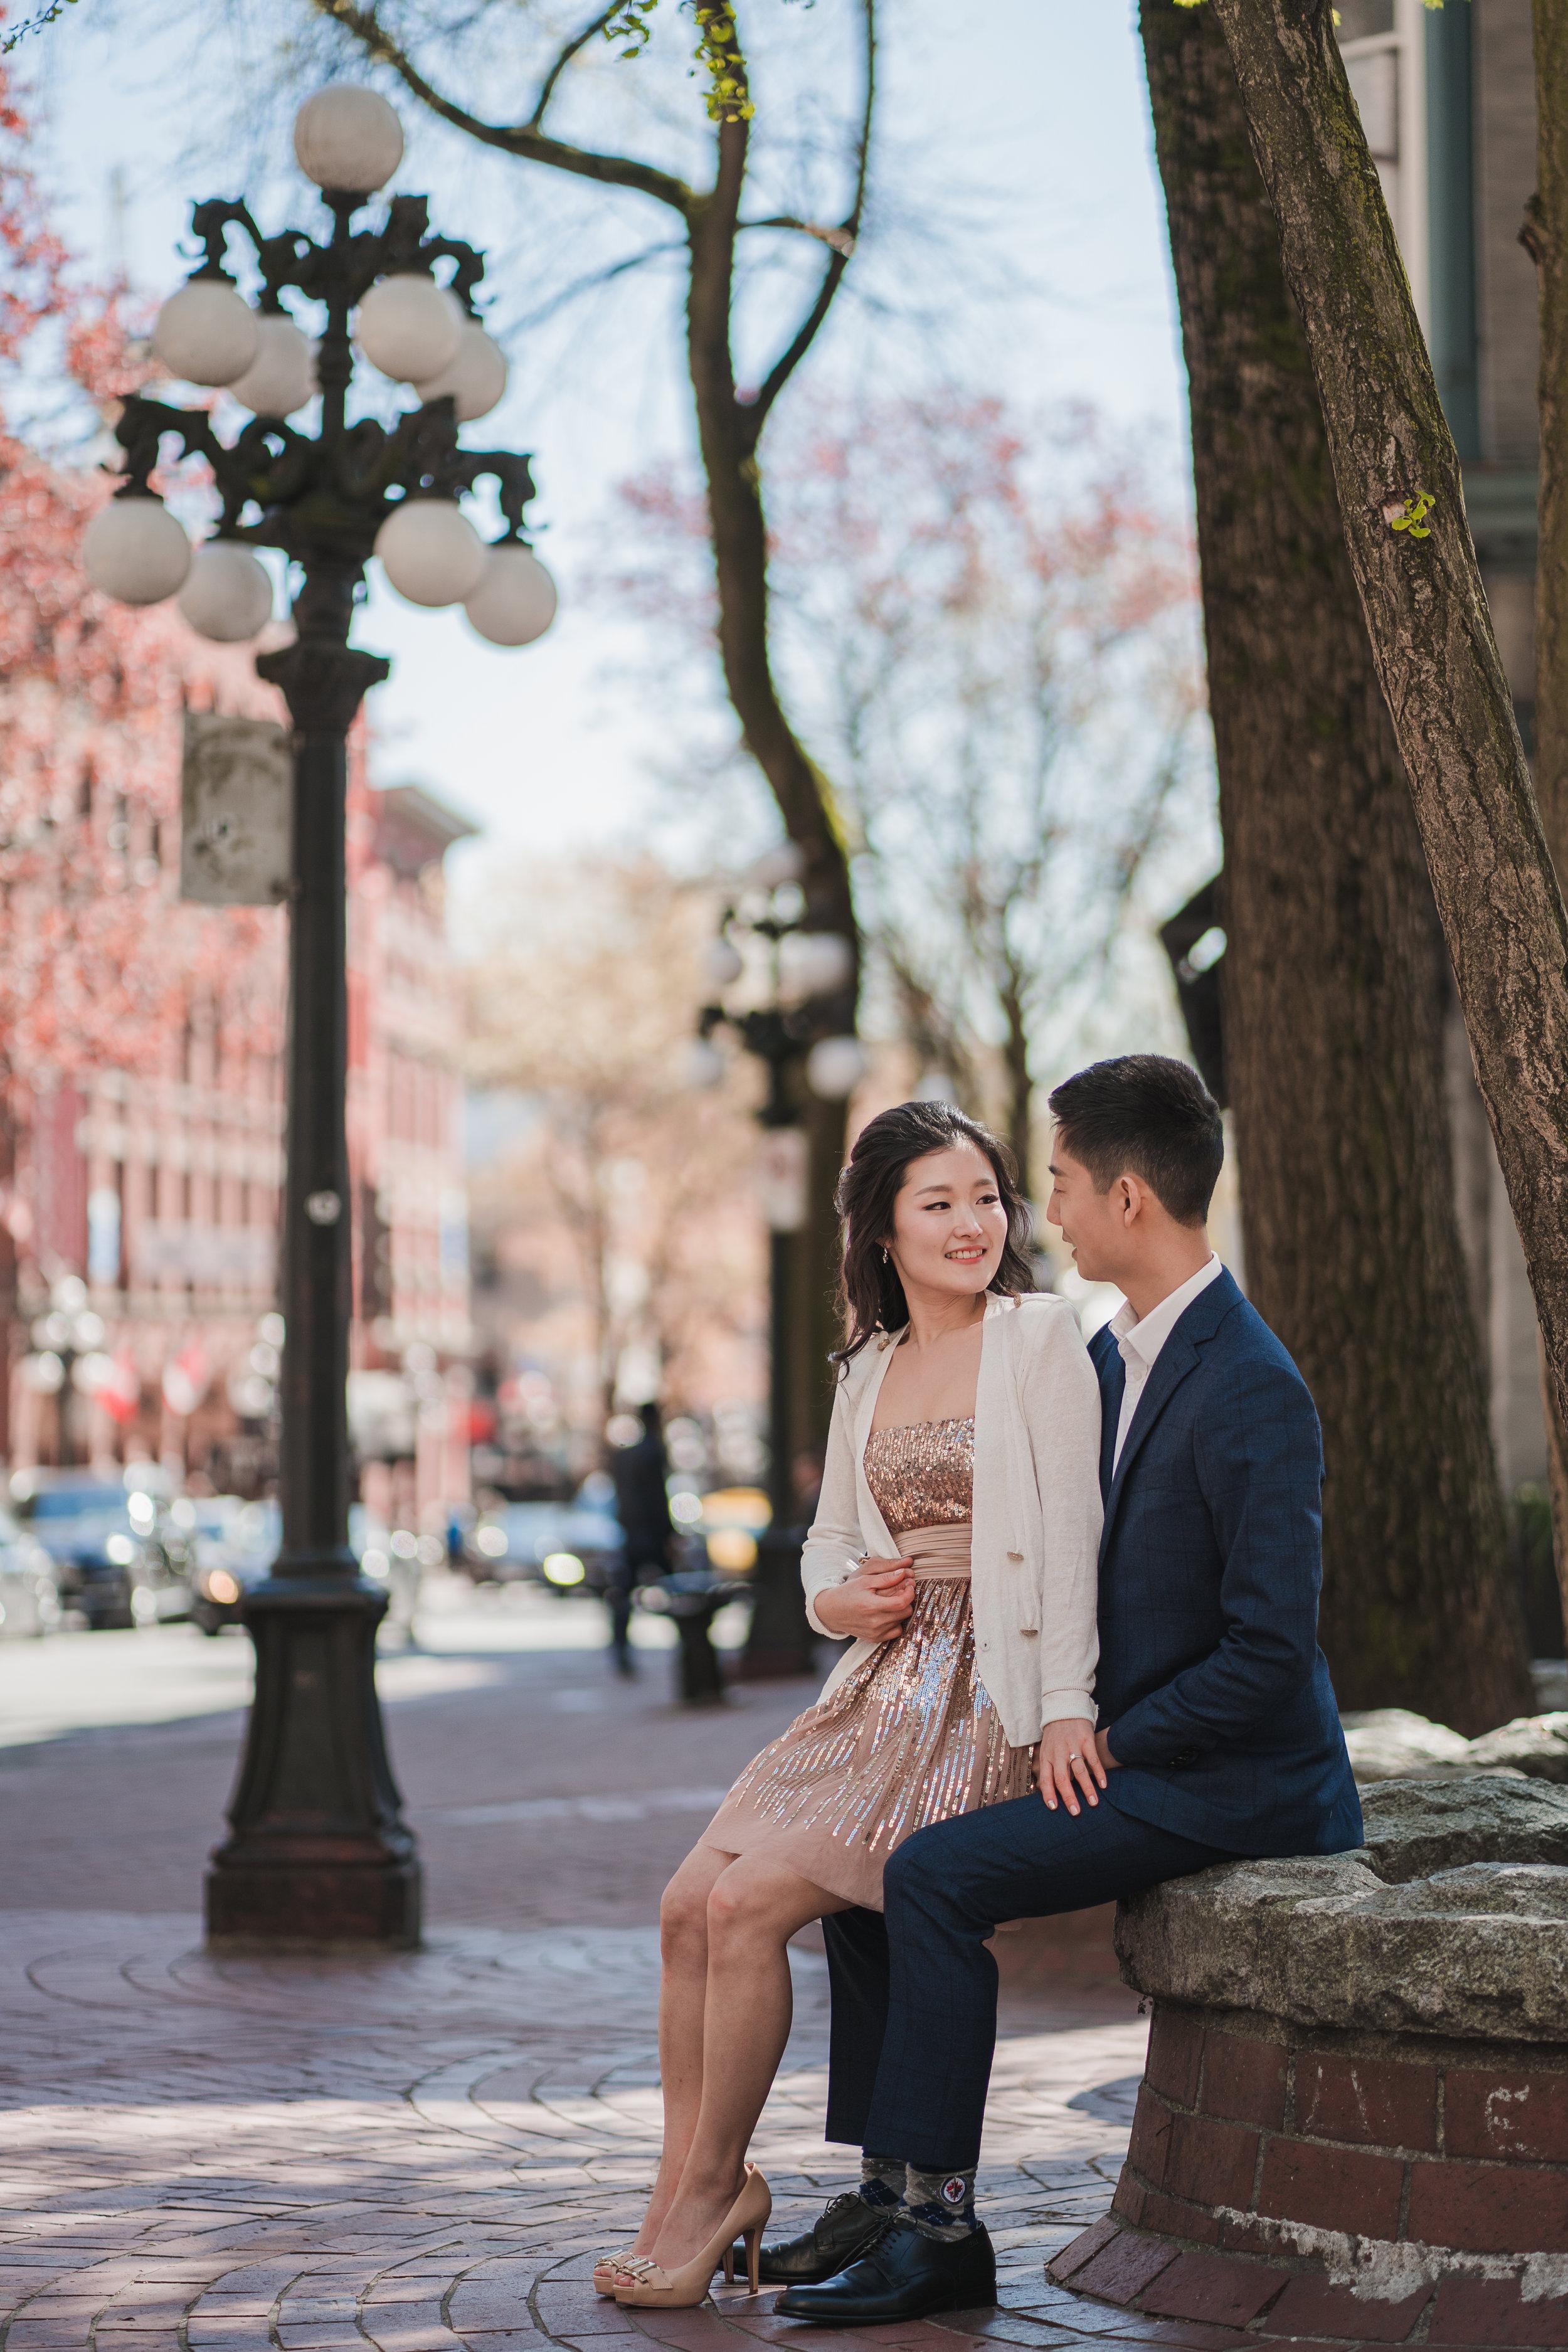 20190428 - Rachel & Brandon Engagement - 0087.jpg